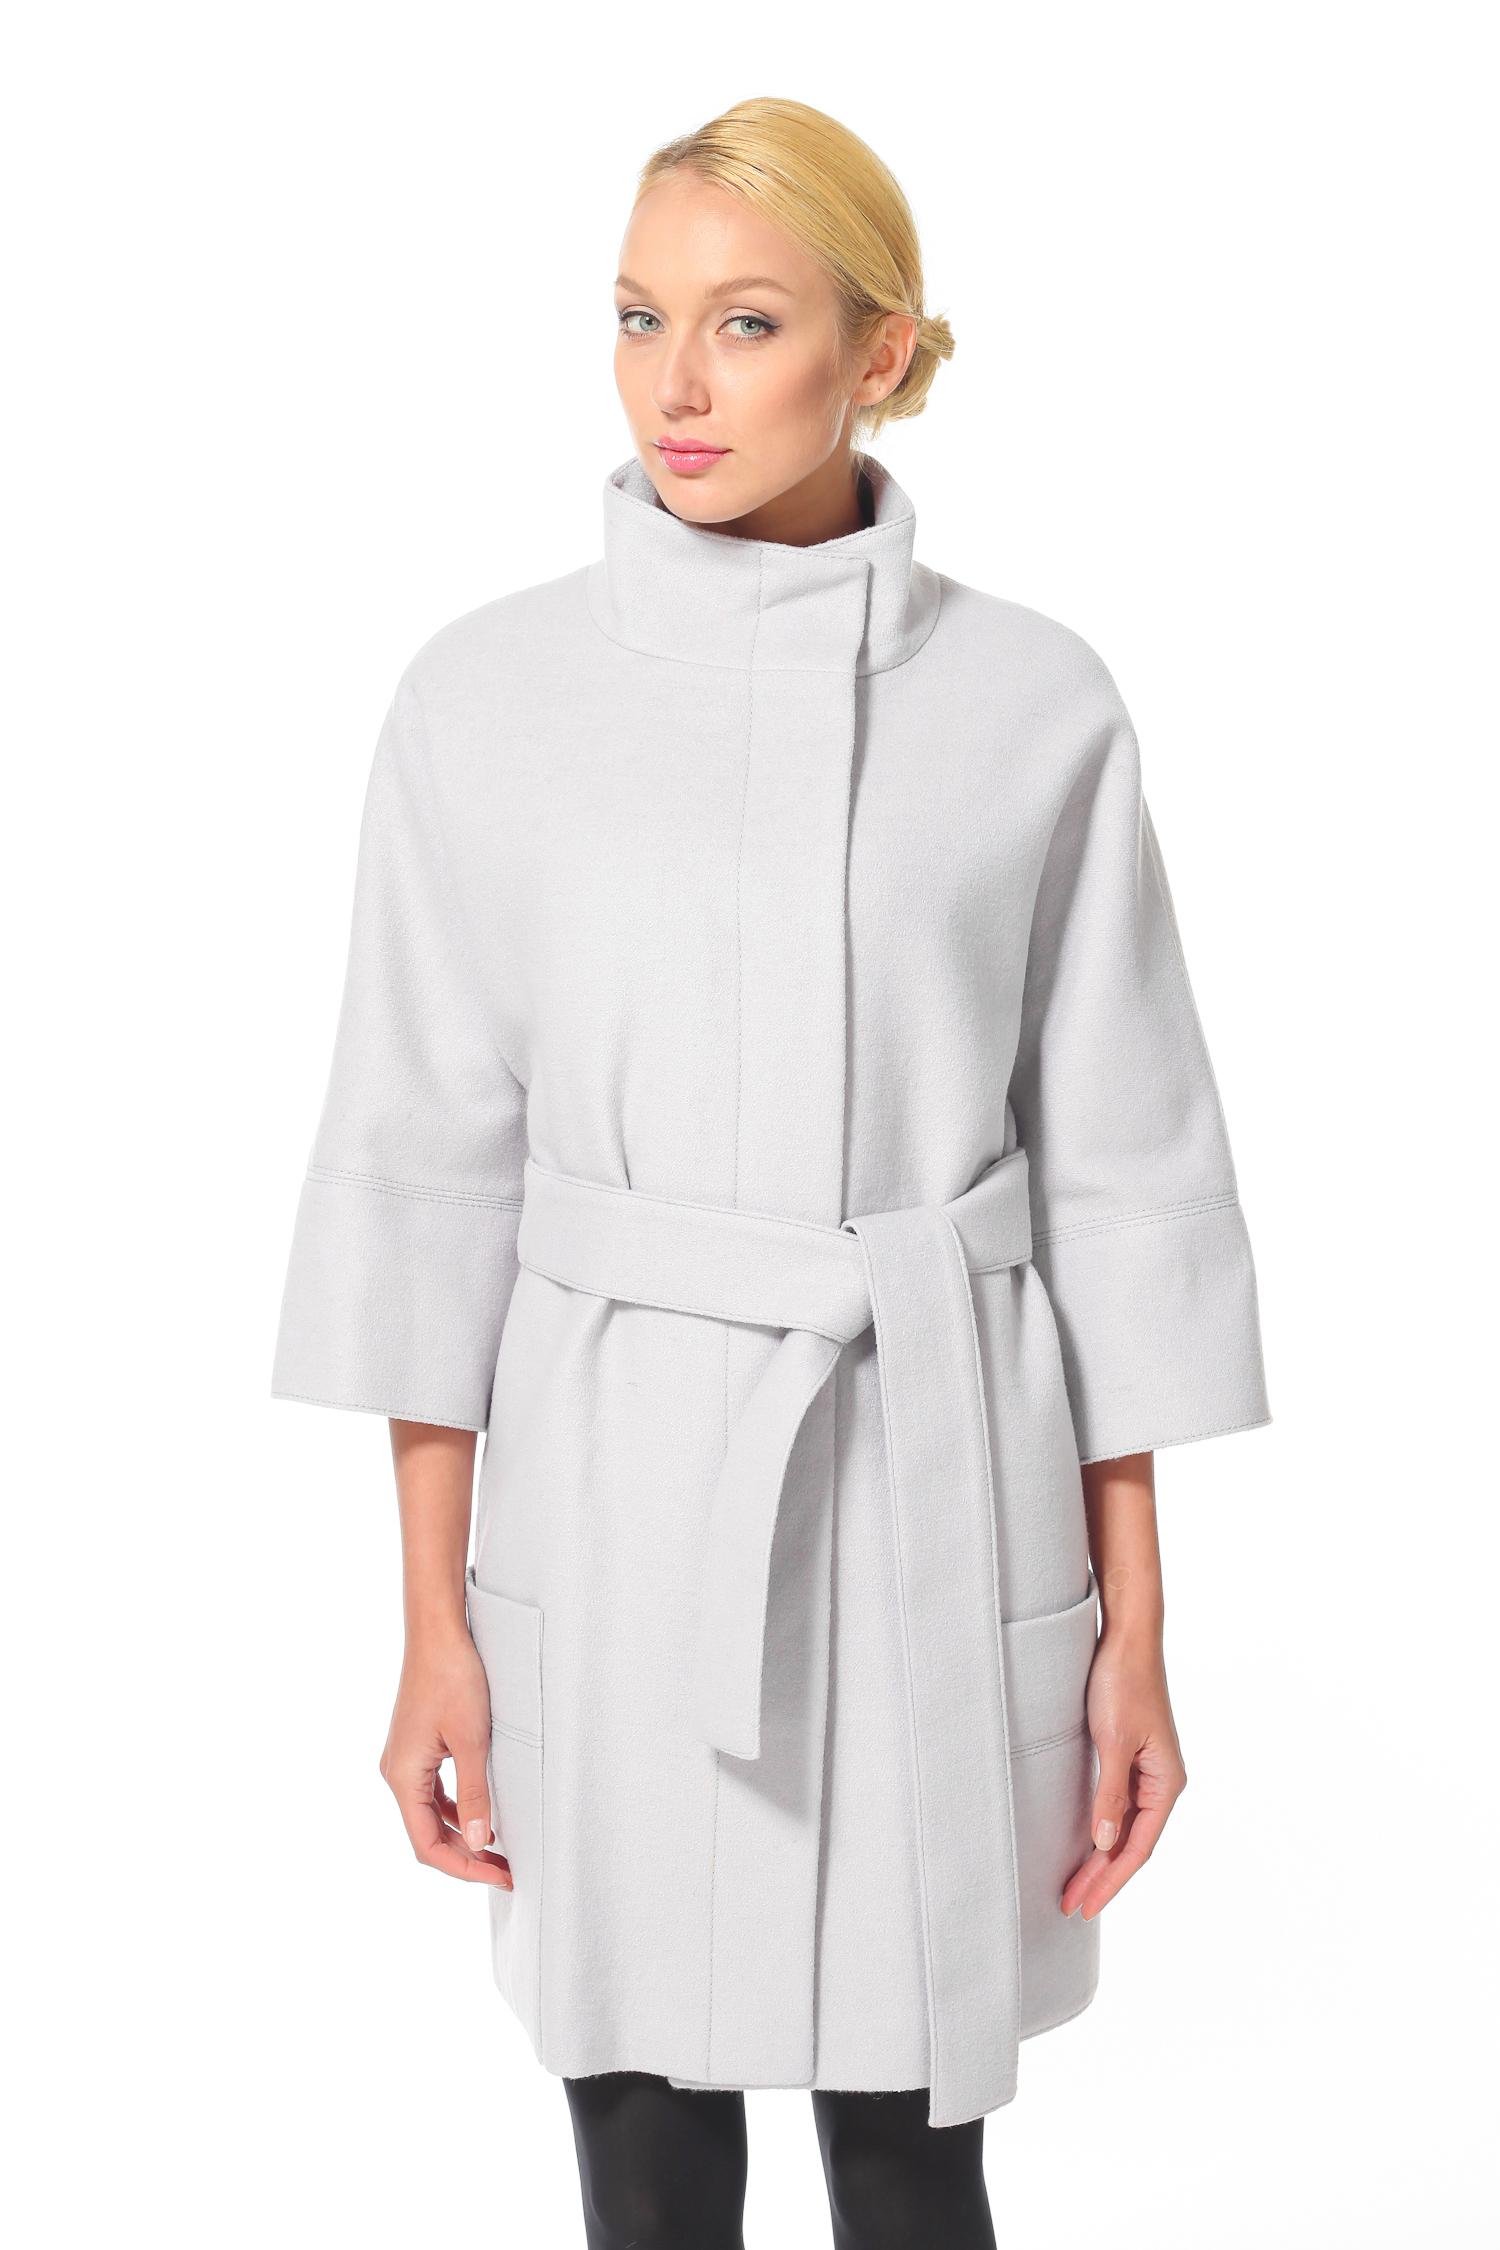 Женское пальто с воротником, без отделки<br><br>Воротник: Стойка<br>Длина см: 90<br>Материал: 80% шерсть 20% полиамид<br>Цвет: Светло-бежевый<br>Пол: Женский